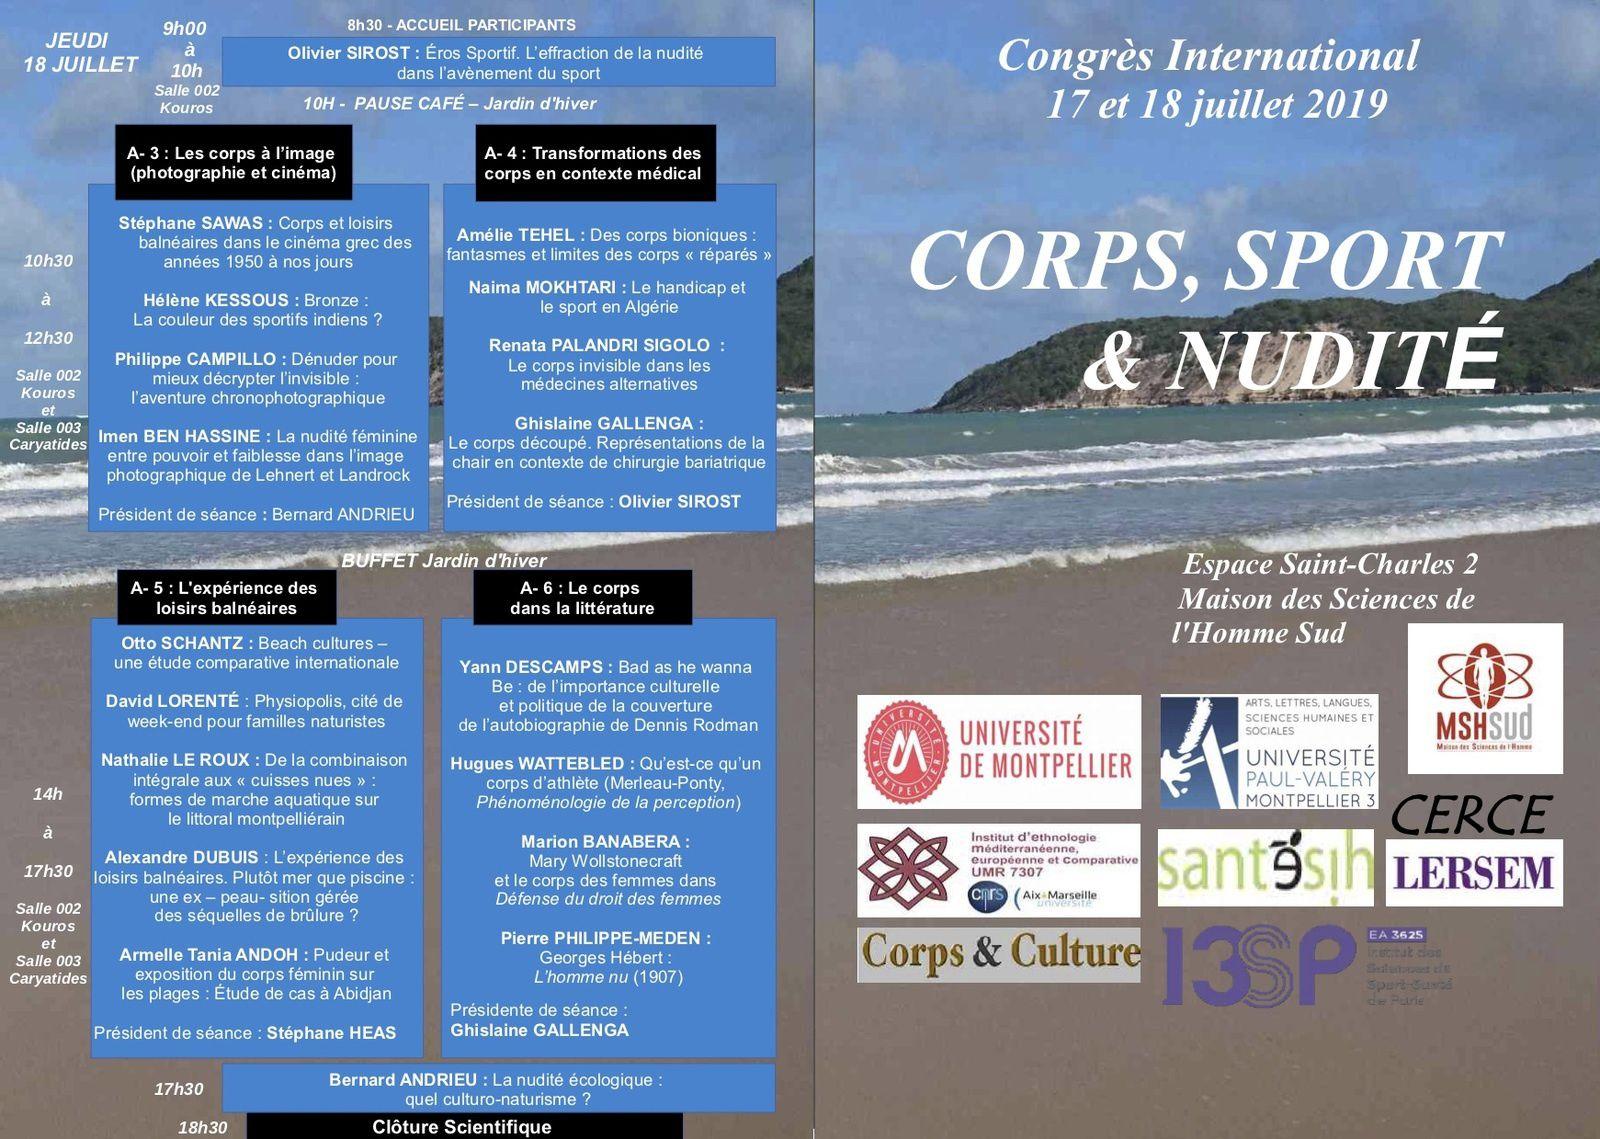 """Trouvez en pièce jointe le programme du Congrès """"Corps, Sport & Nudité"""" qui aura lieu les 17 et 18 juillet 2019 à la MSH Sud de Montpellier."""